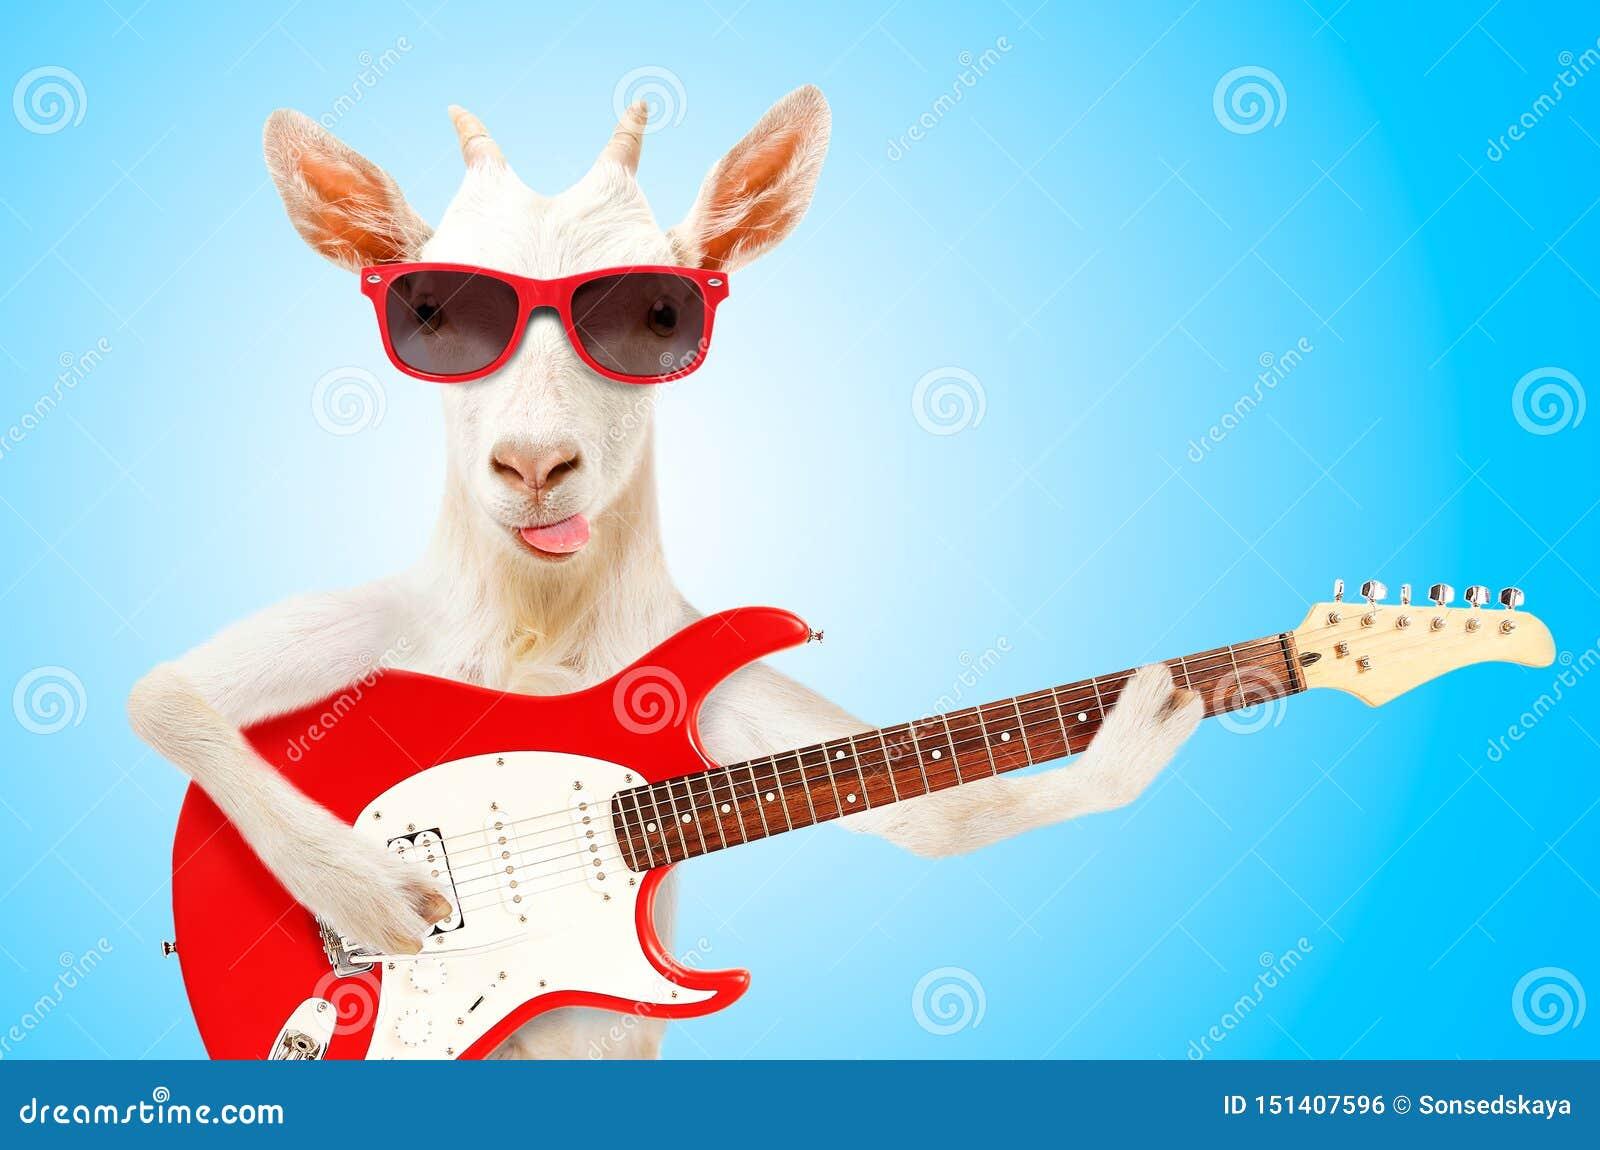 Cabra engra?ada nos ?culos de sol com guitarra el?trica